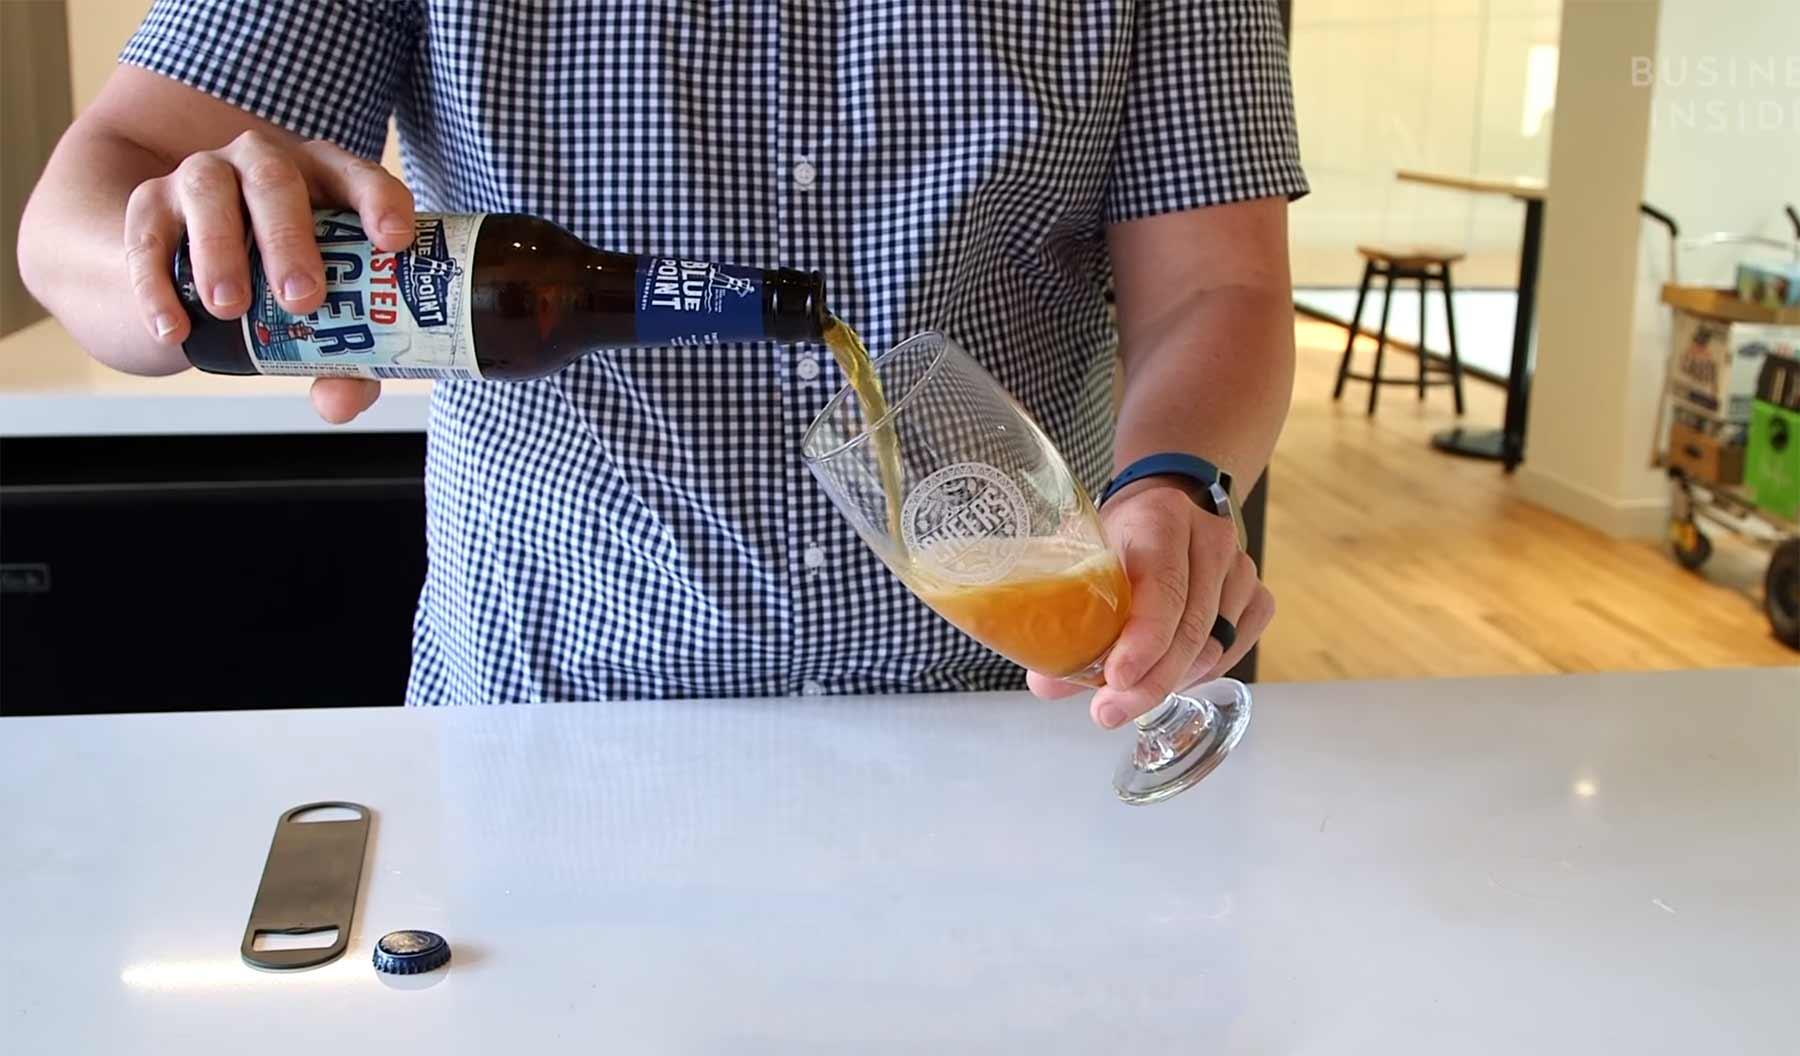 Wie(so) man Bier einschenken sollte